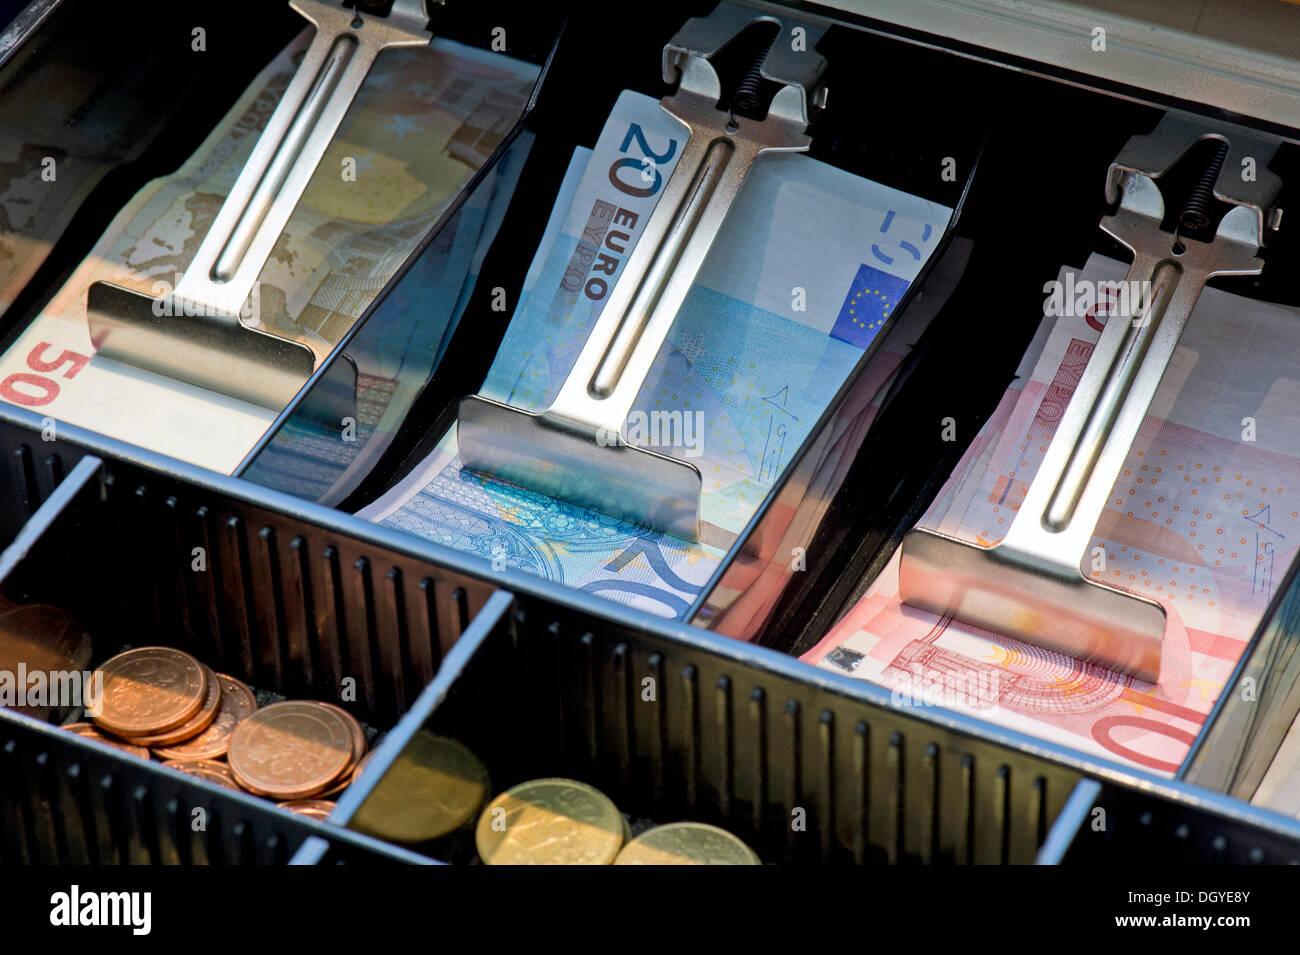 Billets et pièces de monnaie dans une caisse enregistreuse, Stuttgart, Bade-Wurtemberg Banque D'Images